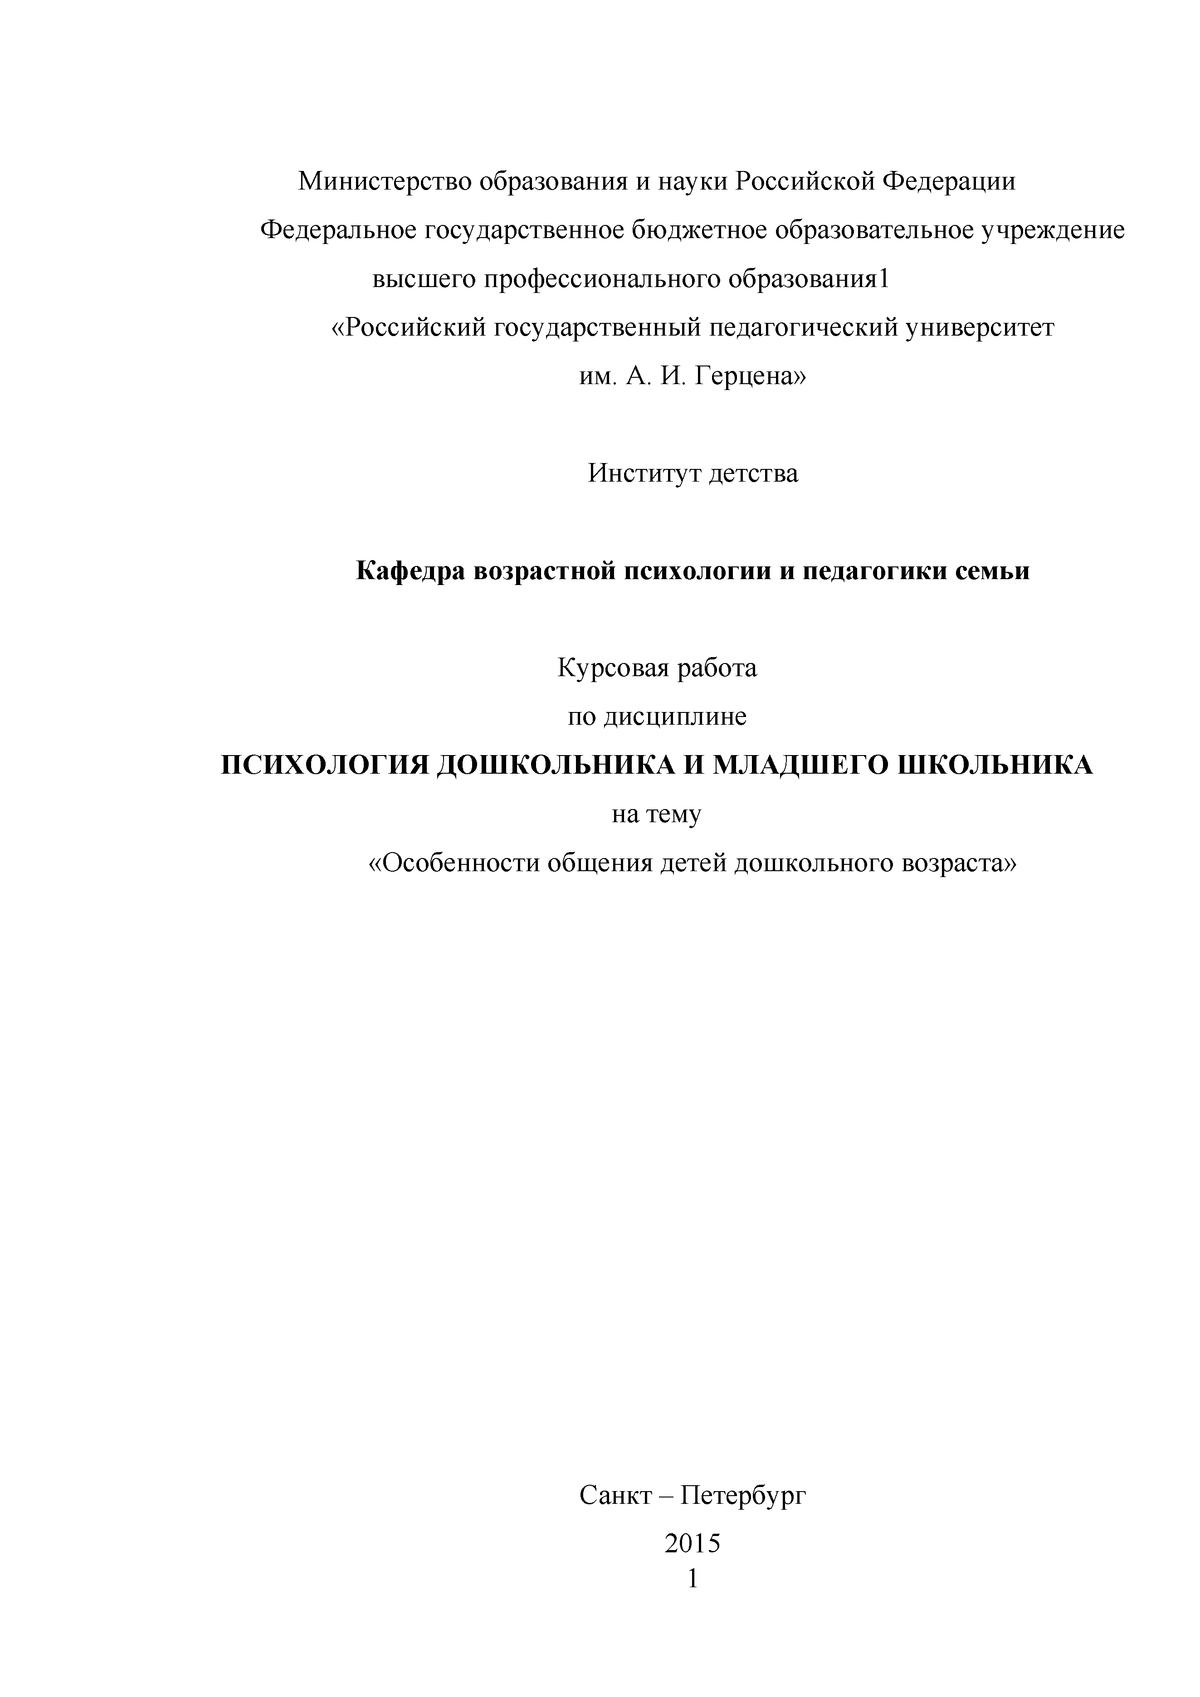 Курсовые работы по психологии дошкольного возраста 882